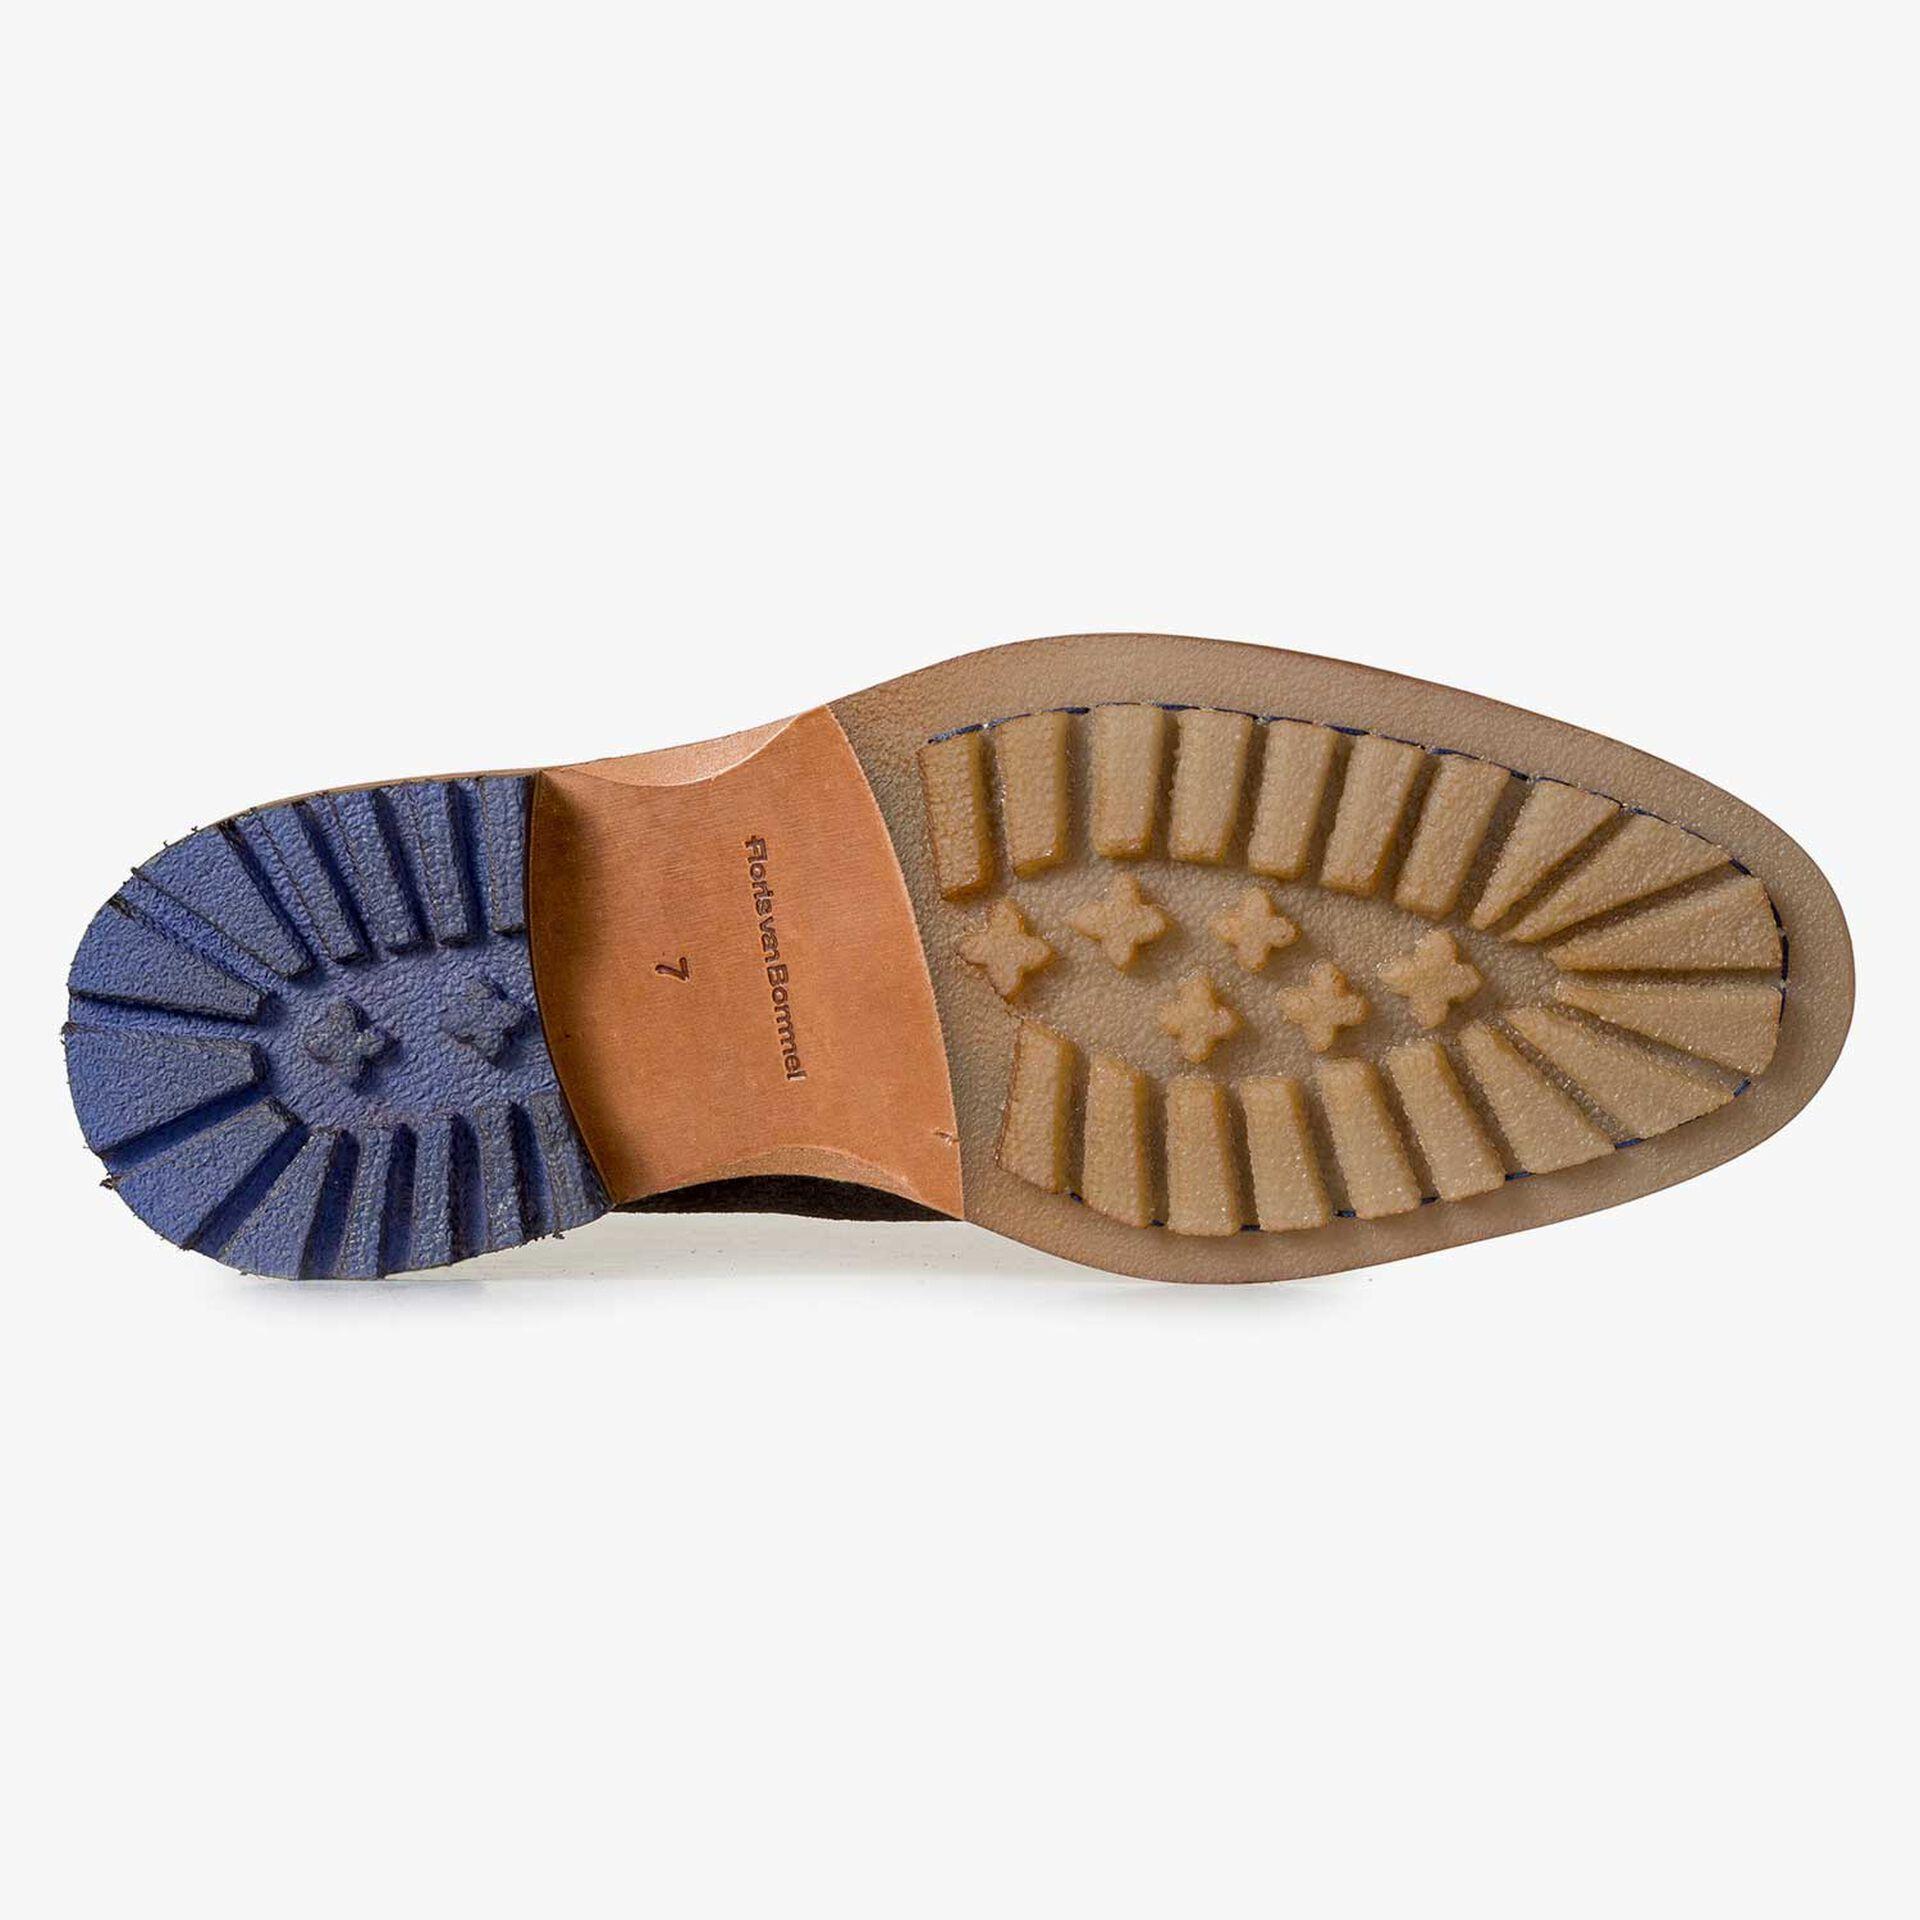 Brauner Wildleder-Schnürschuh mit dezentem Muster